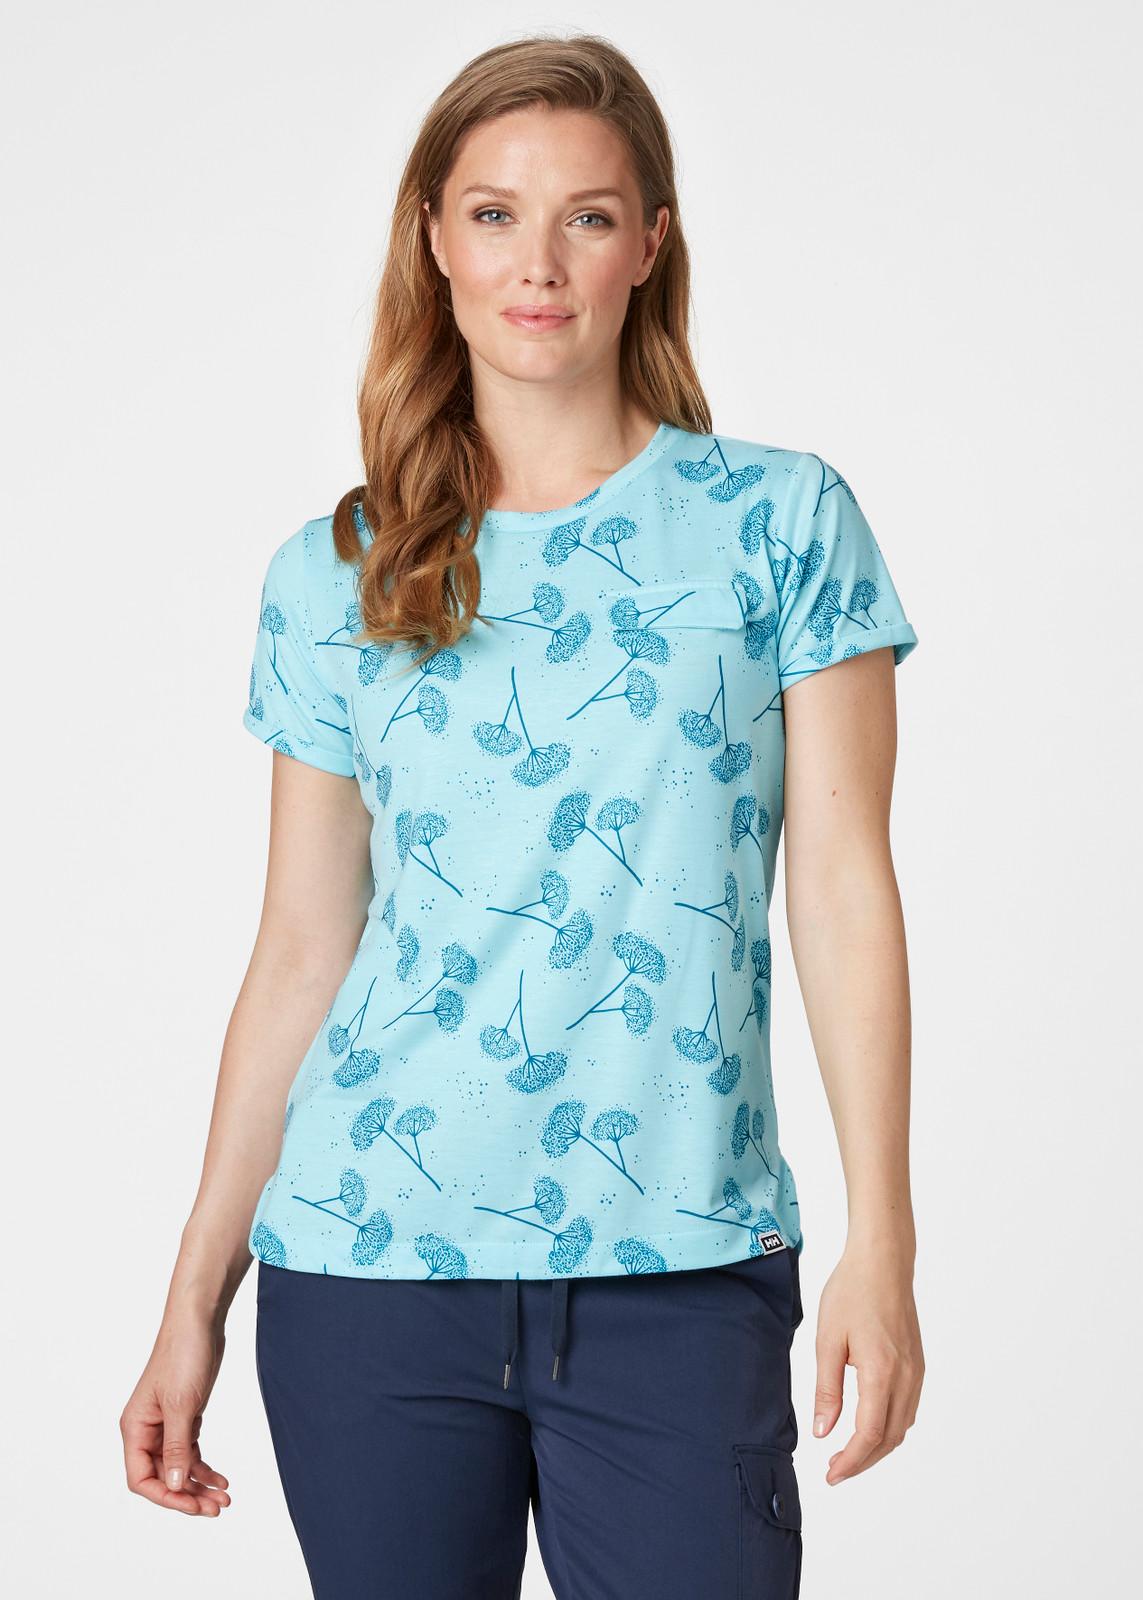 Helly Hansen Lomma T-Shirt, Women's - Glacier Blue, 62878-648 on model